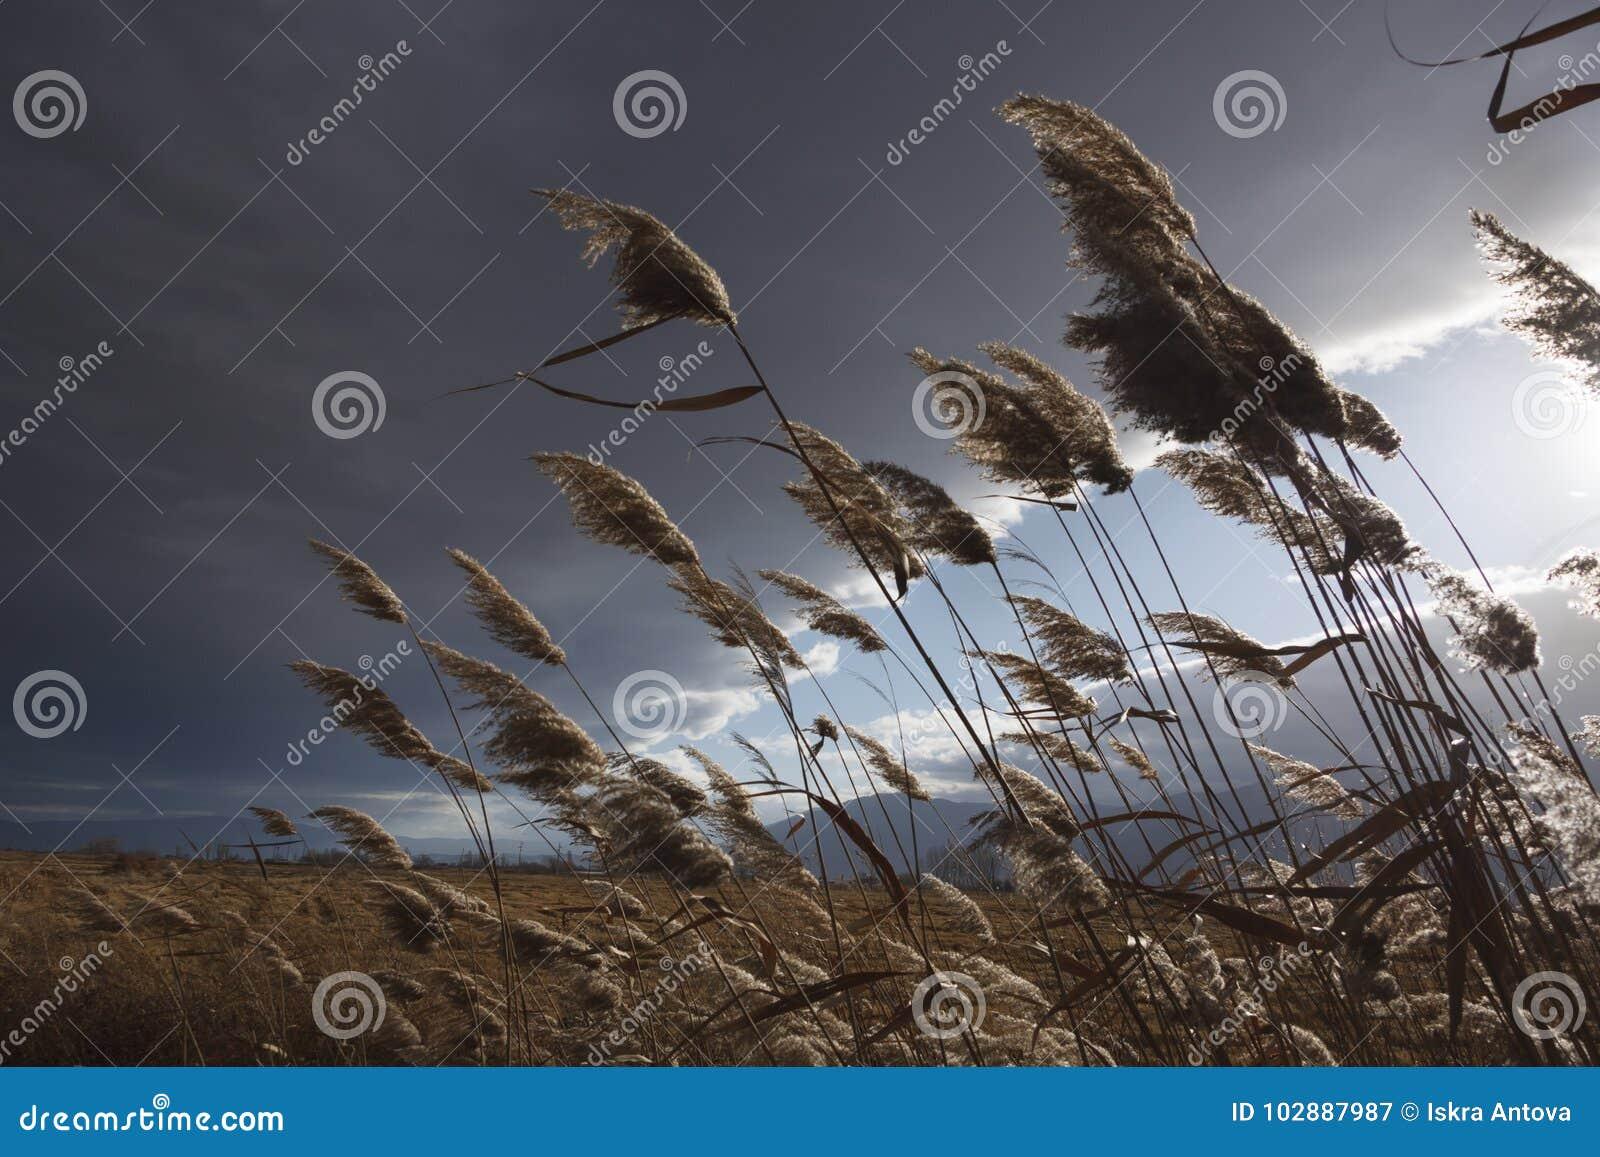 Cañas, espadaña, contra el cielo nublado Autumn Landscape